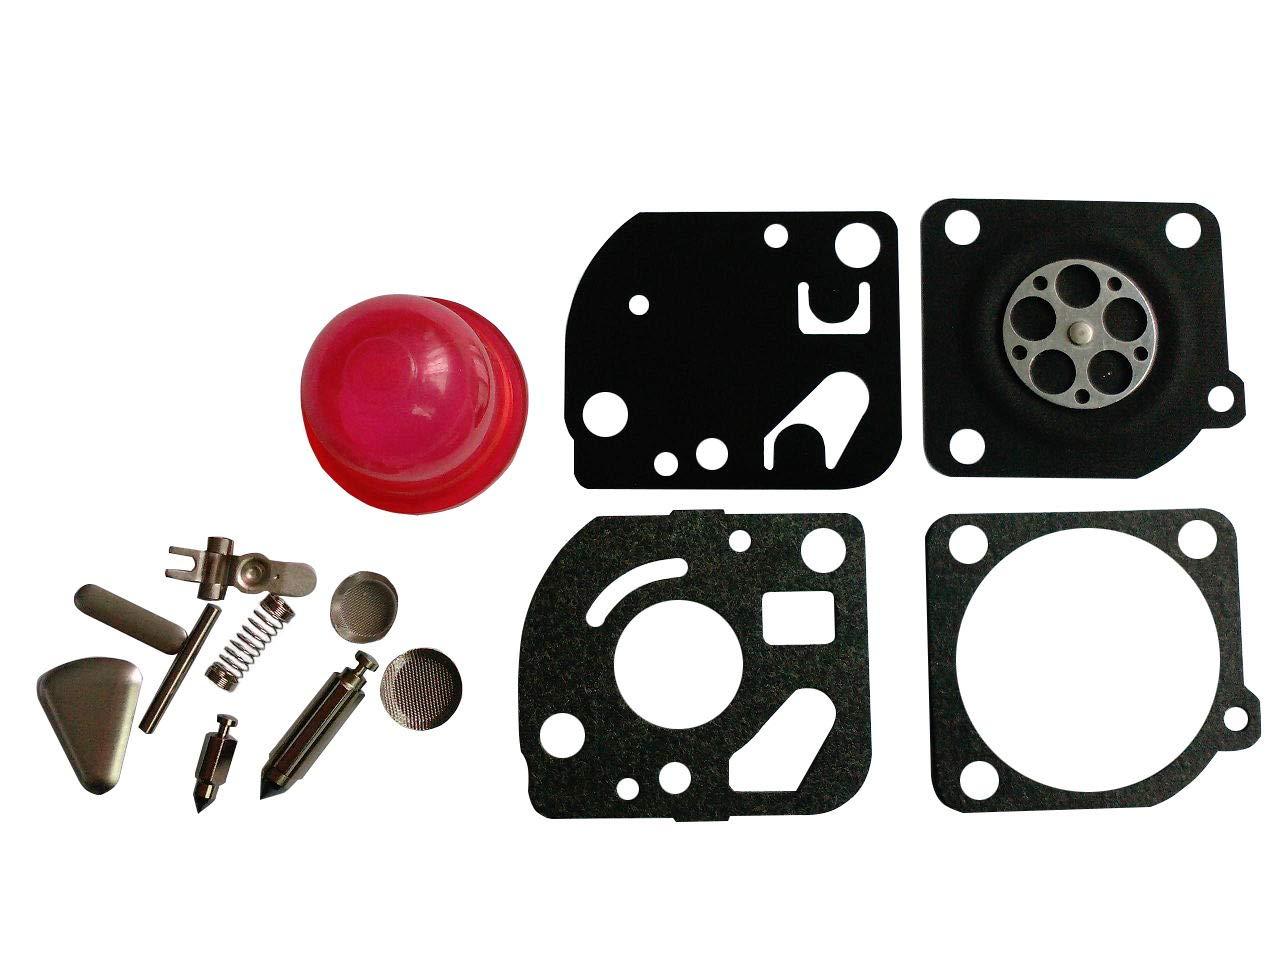 Kit de reparació n/reconstrucció n de carburador sustituye a Zama RB-47 para Poulan Weedeater Craftsman Trimmers soplantes CTS